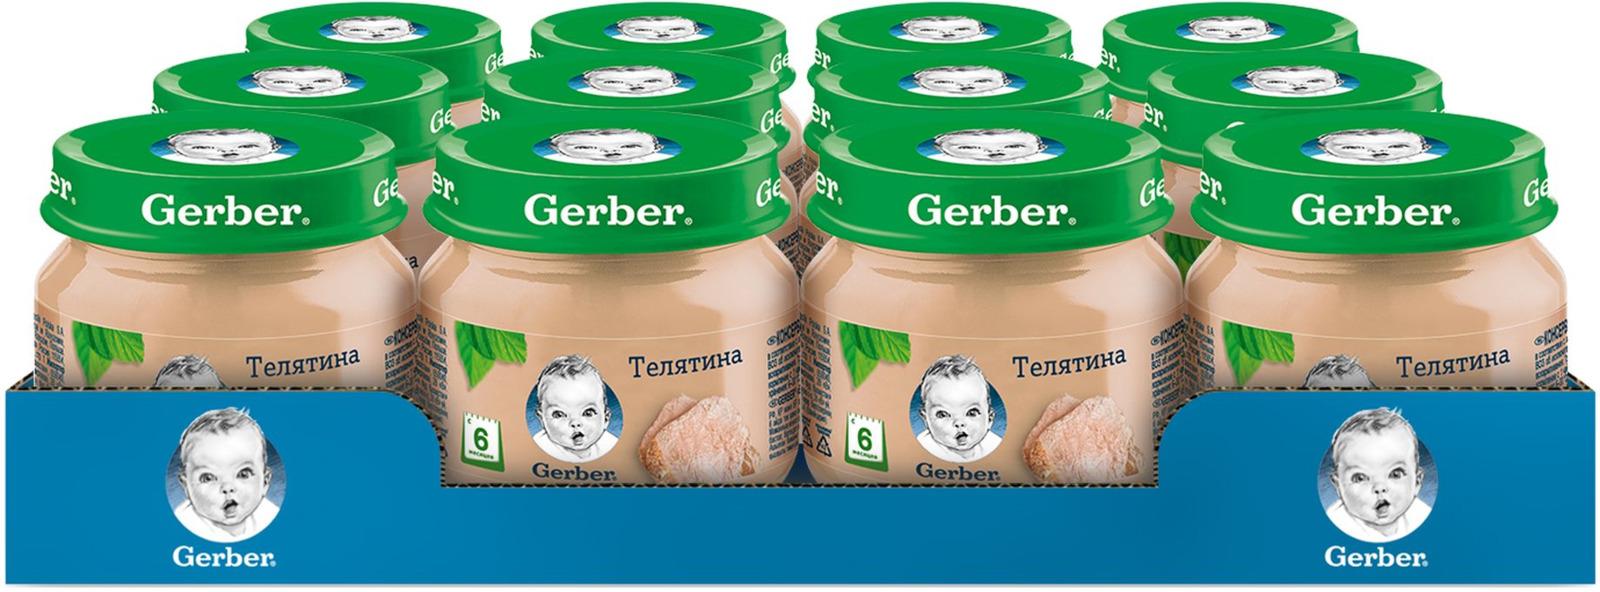 Пюре Консервы мясные телятина для питания детей с 6 месяцев Gerber, 12 шт по 80 г пюре gerber organic тыква и сладкий картофель с 5 мес 125 г